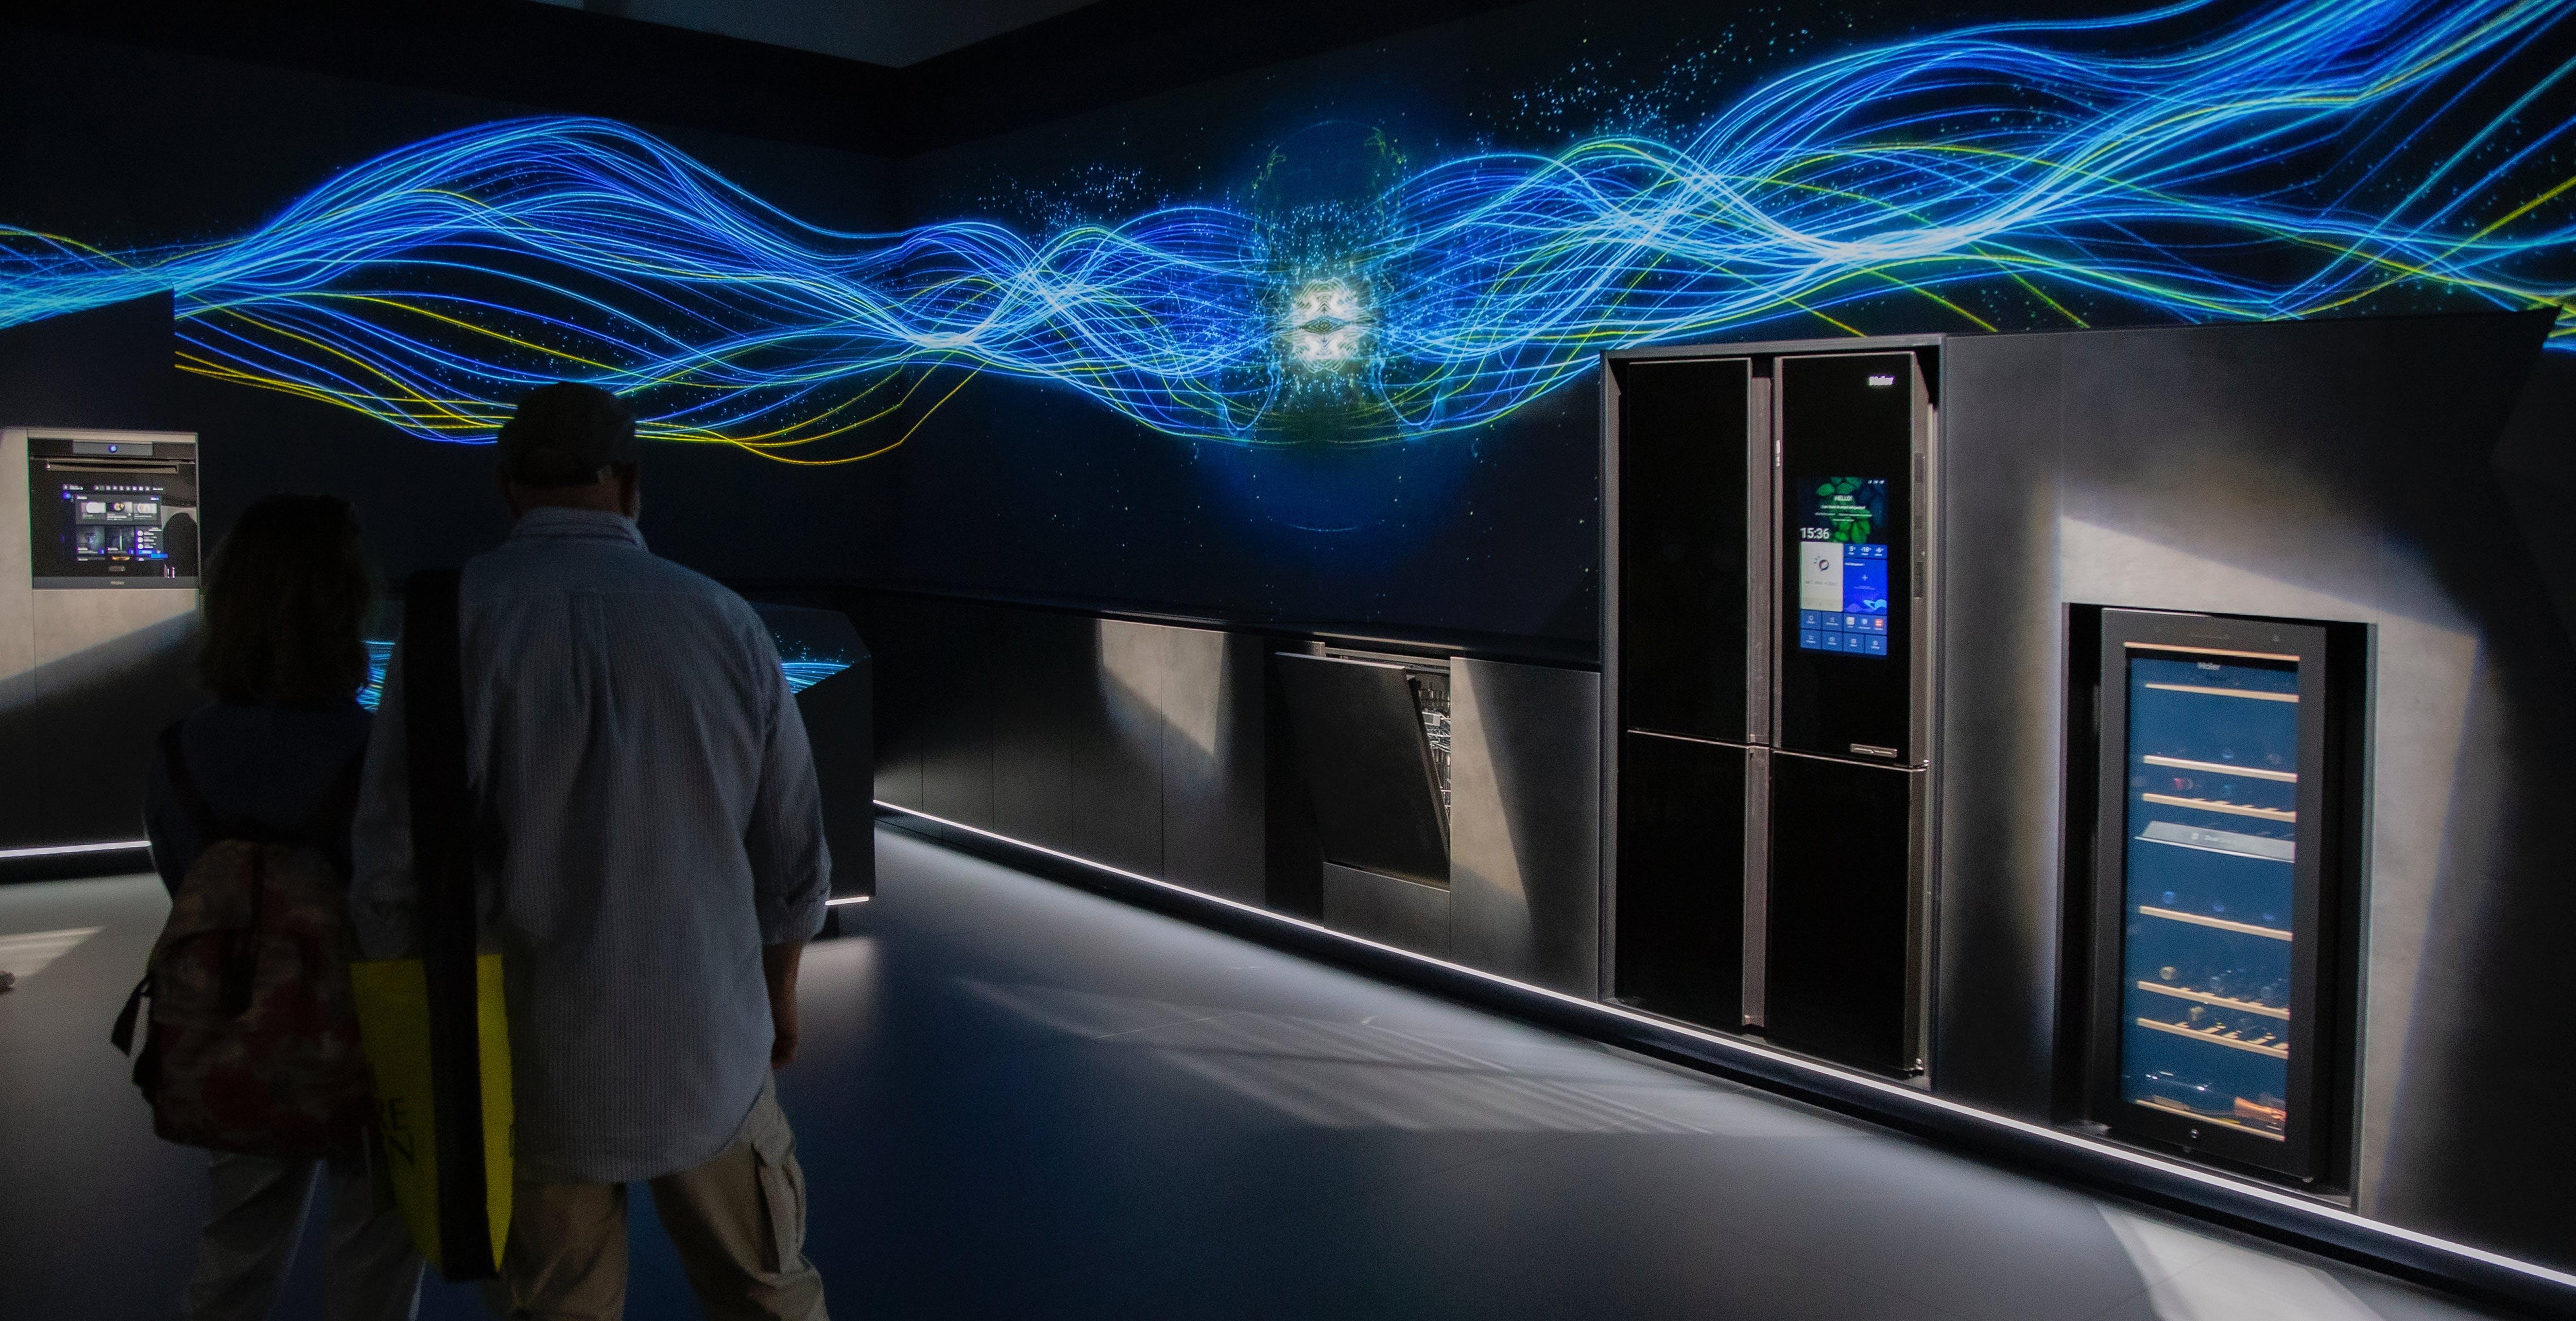 L'Intelligenza Artificiale anche in cucina: Haier porta alla Milano Design Week i suoi elettrodomestici smart